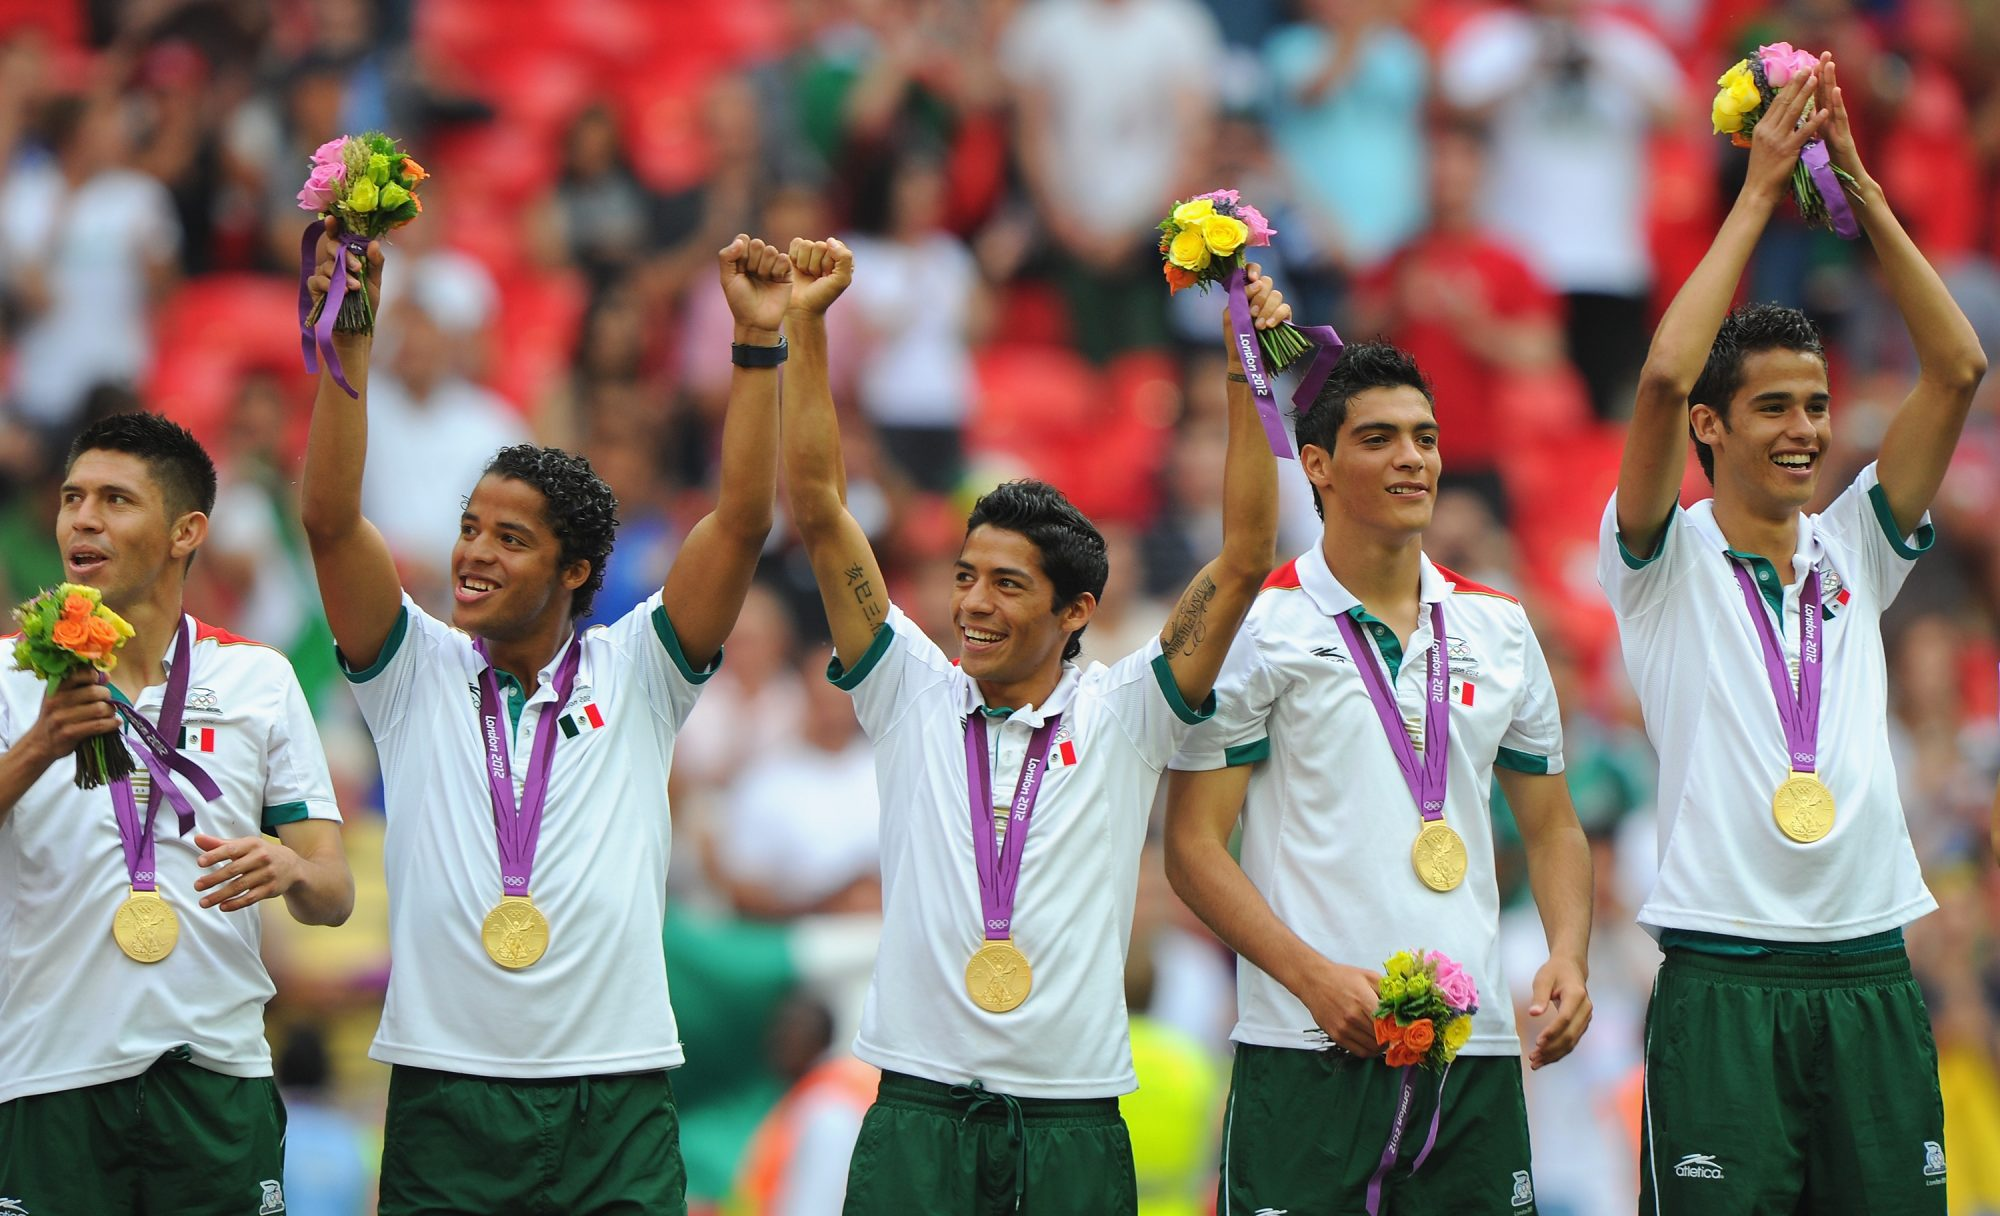 México campeón Olímpico 2012.